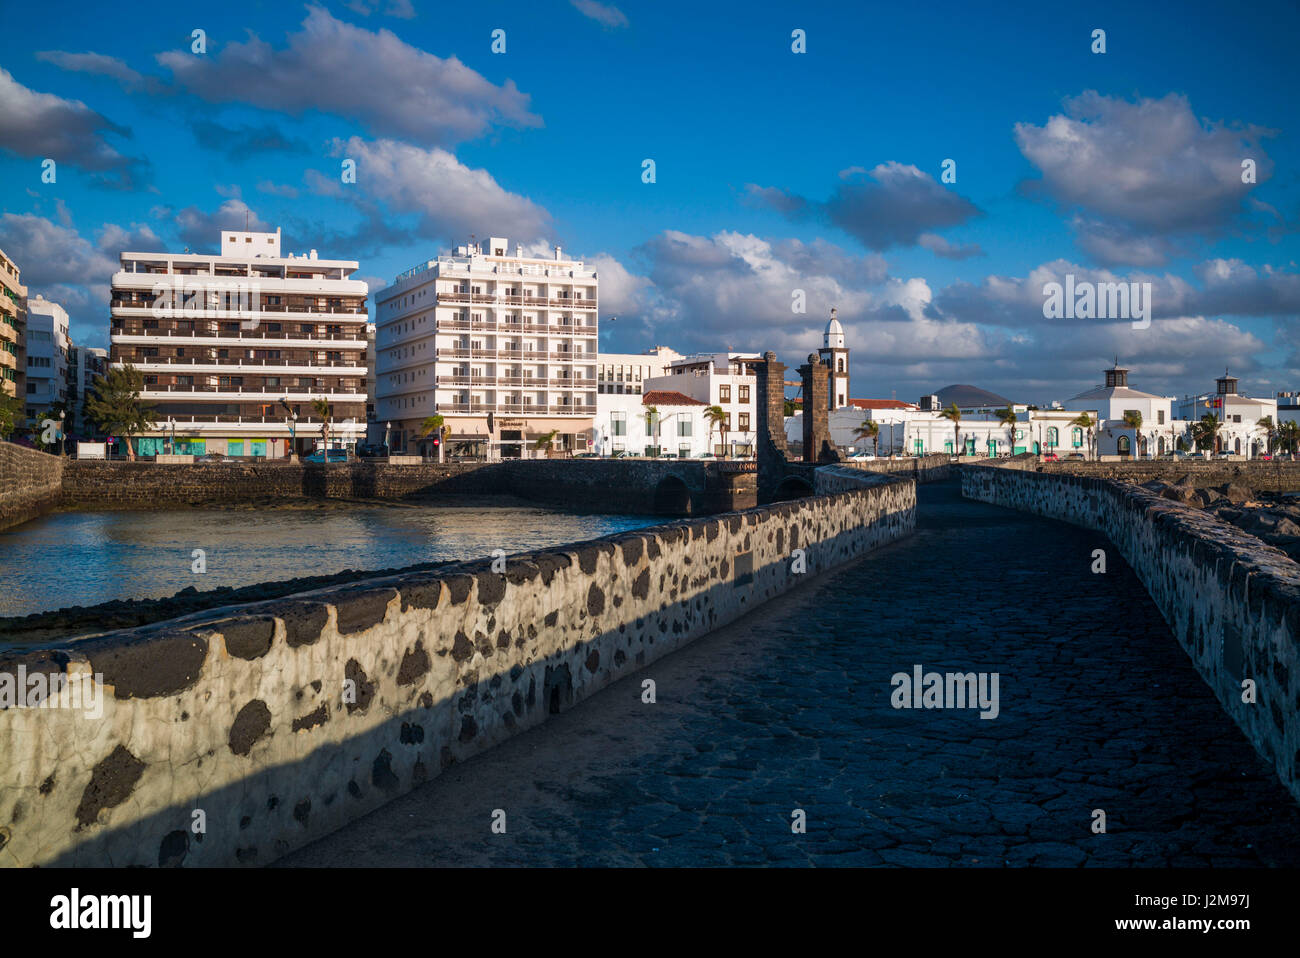 Spain, Canary Islands, Lanzarote, Arecife, Puente de Las Bolas bridge Stock Photo